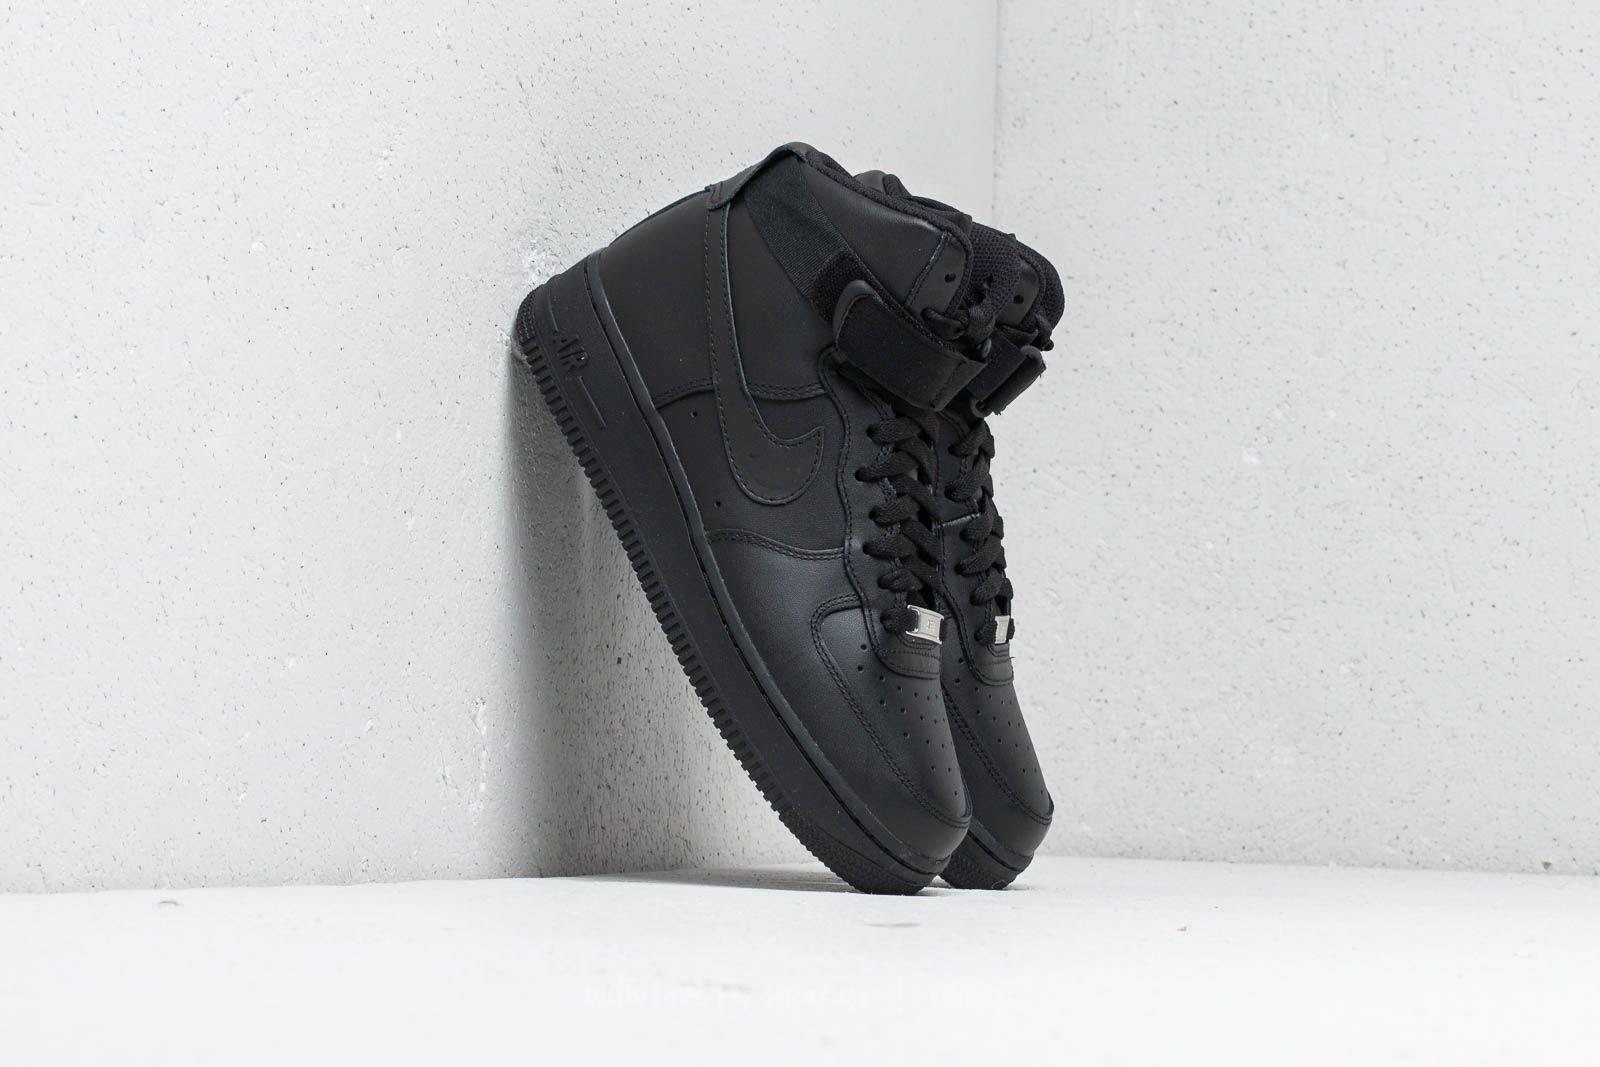 Nike Wmns Air Force 1 High Black/ Black-Black za skvelú cenu 117 € kúpite na Footshop.sk